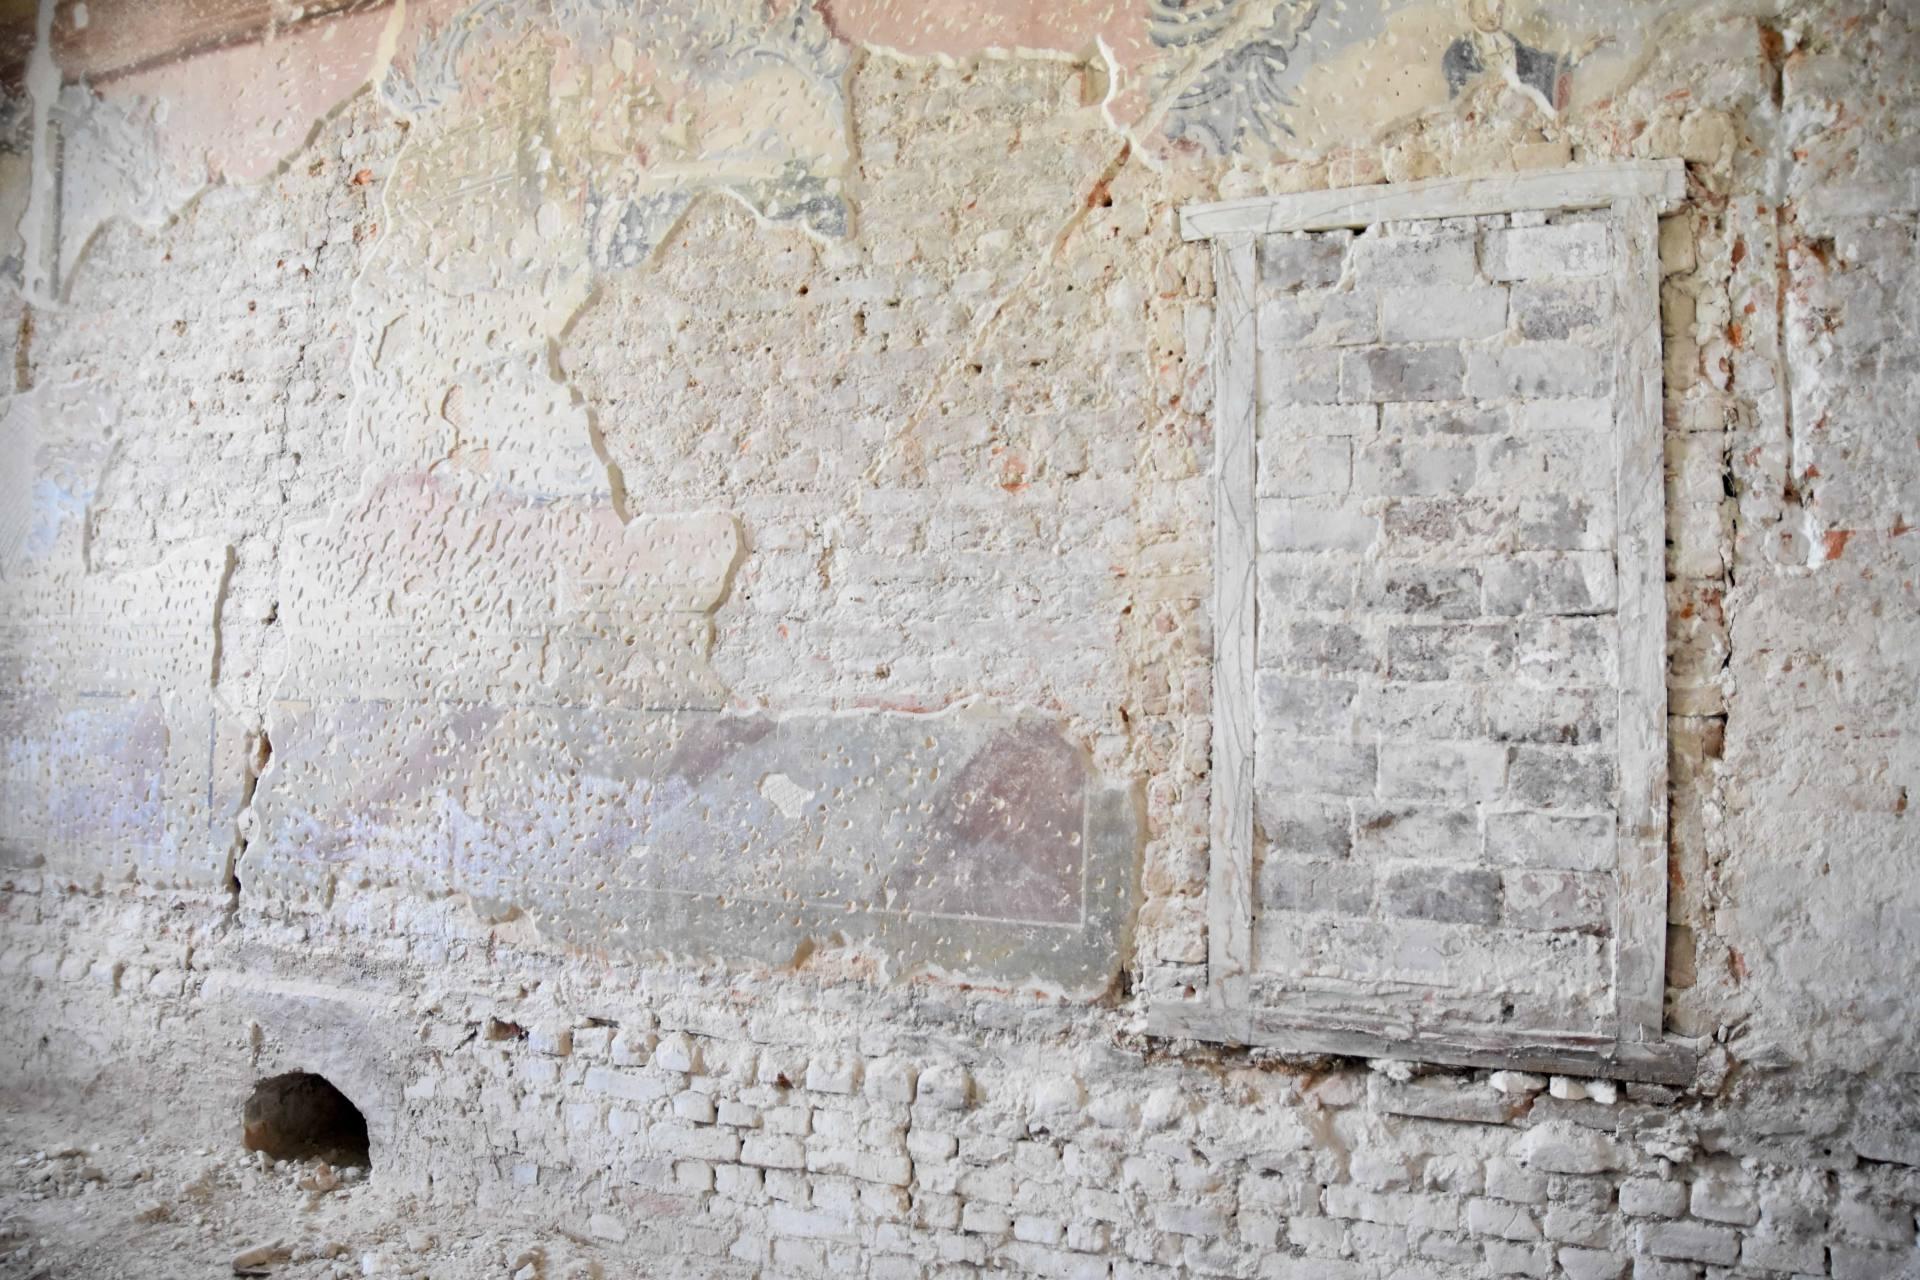 dsc 9929 ZAMOŚĆ: Wznowiono roboty budowlane i prace konserwatorskie w obiekcie Akademii Zamojskiej [ZDJĘCIA]